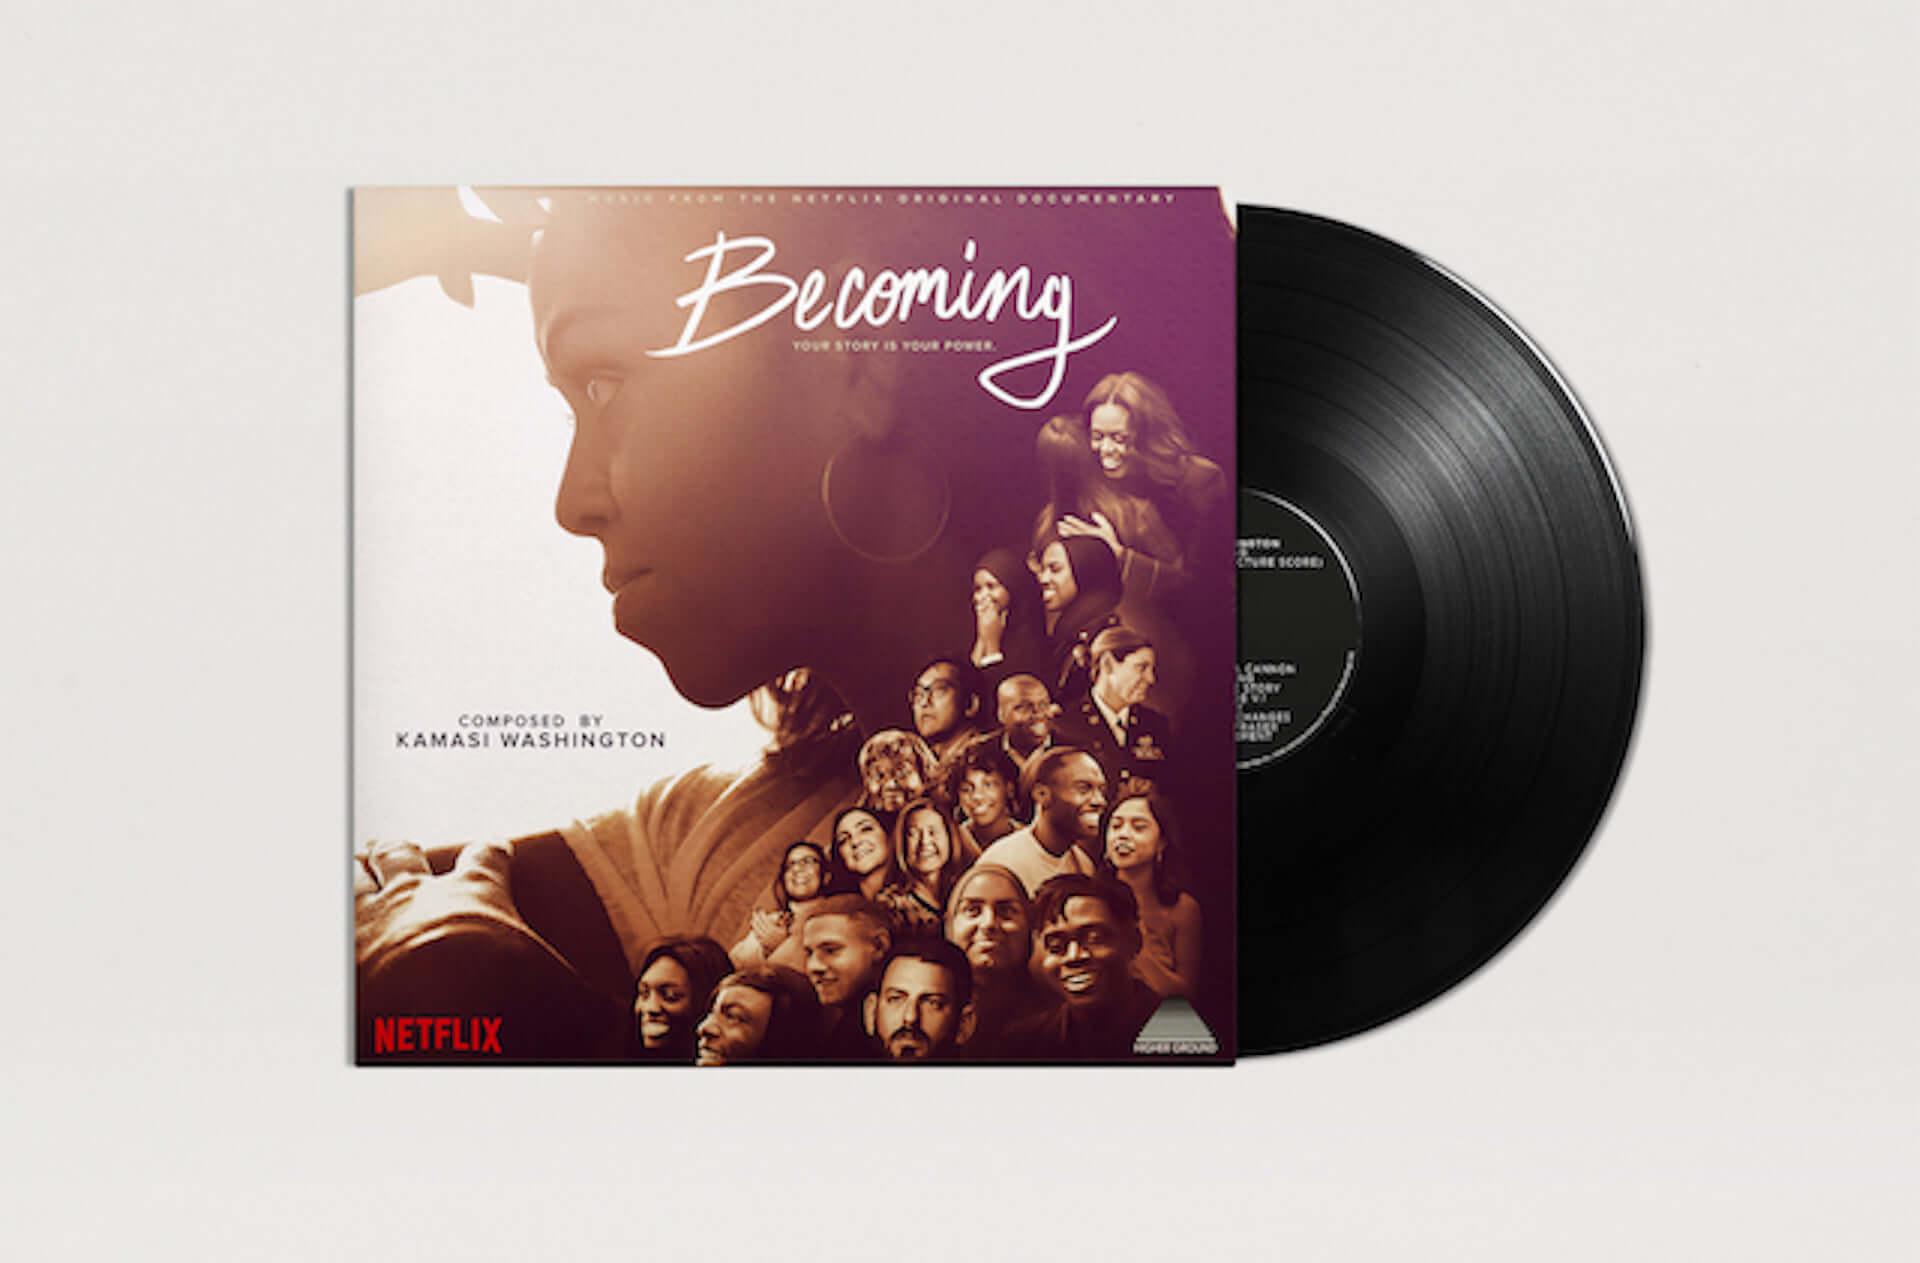 Kamasi Washingtonが自身初の映画音楽作品『Becoming』のフルライブを披露!コンサート映像シリーズ「SOUND/STAGE」にて公開 music201102_kamasi-washington_1-1920x1263